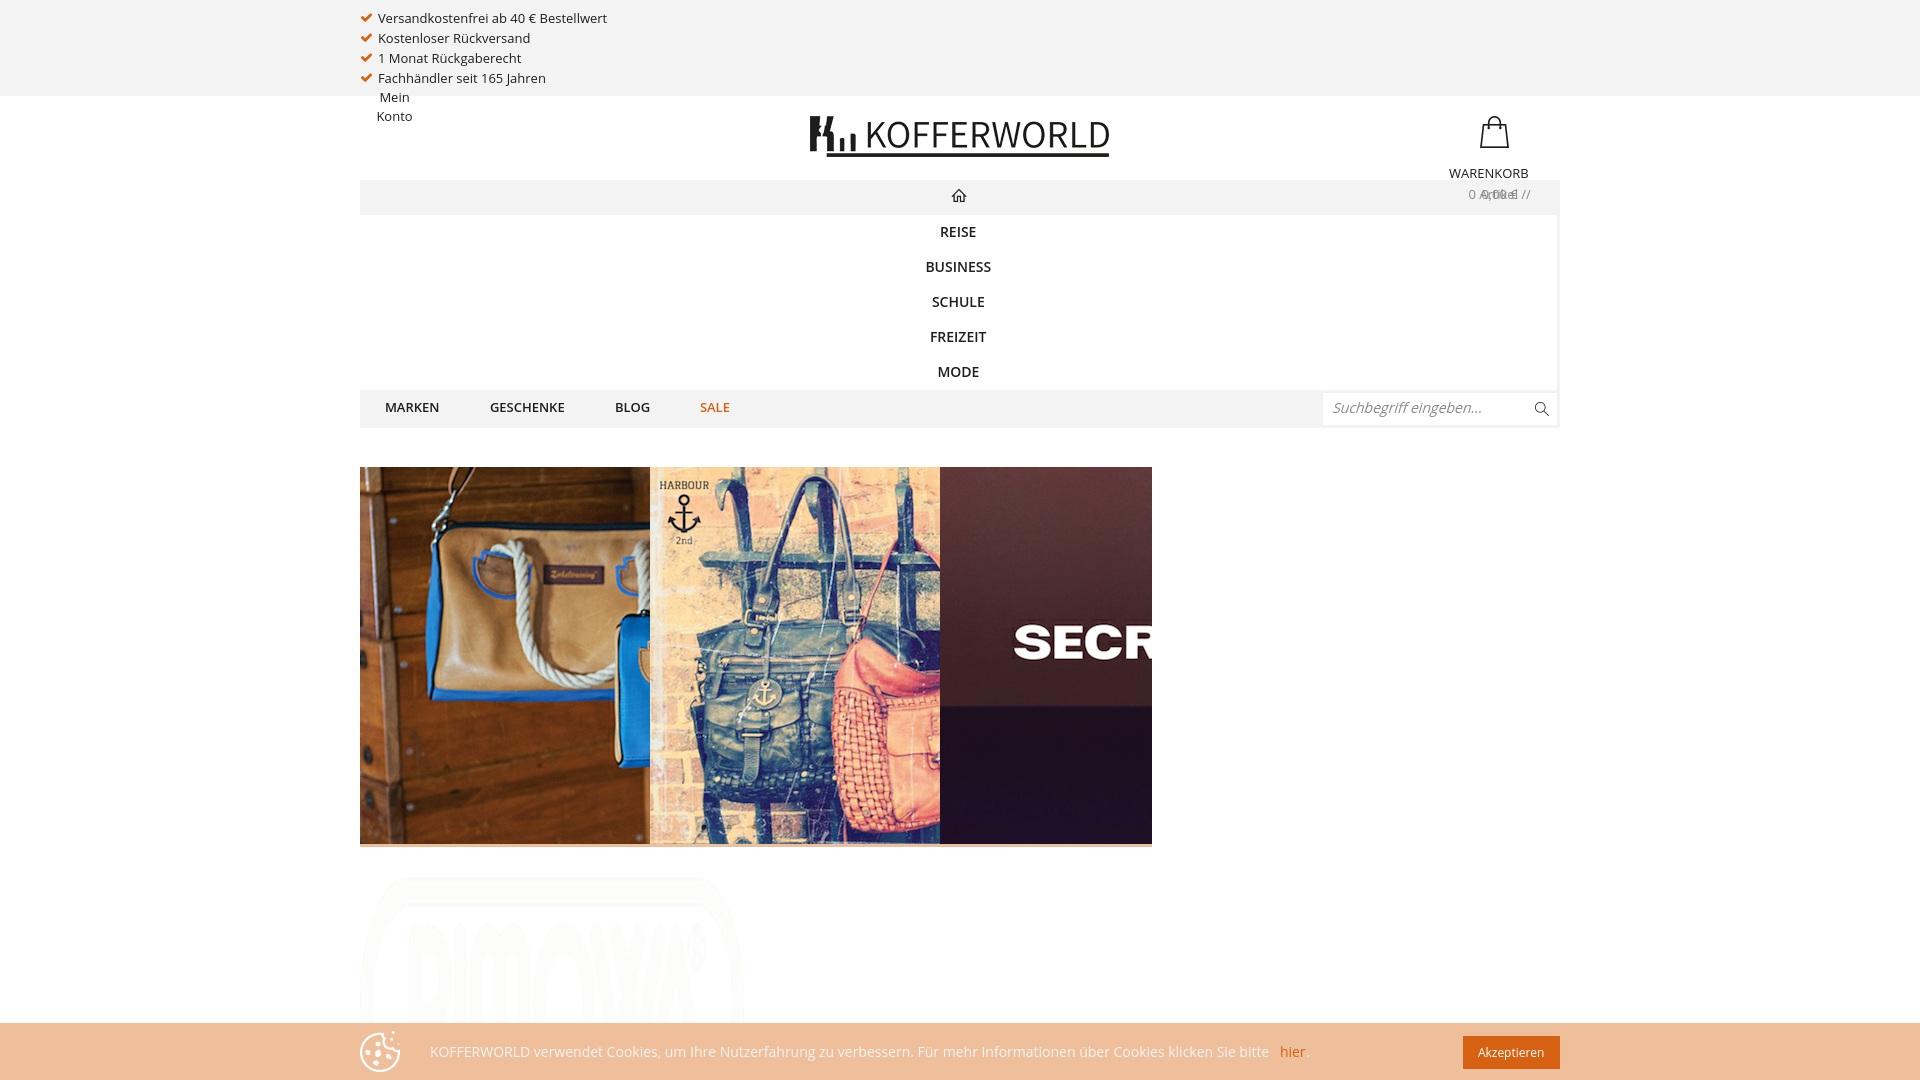 Gutschein für Kofferworld: Rabatte für  Kofferworld sichern